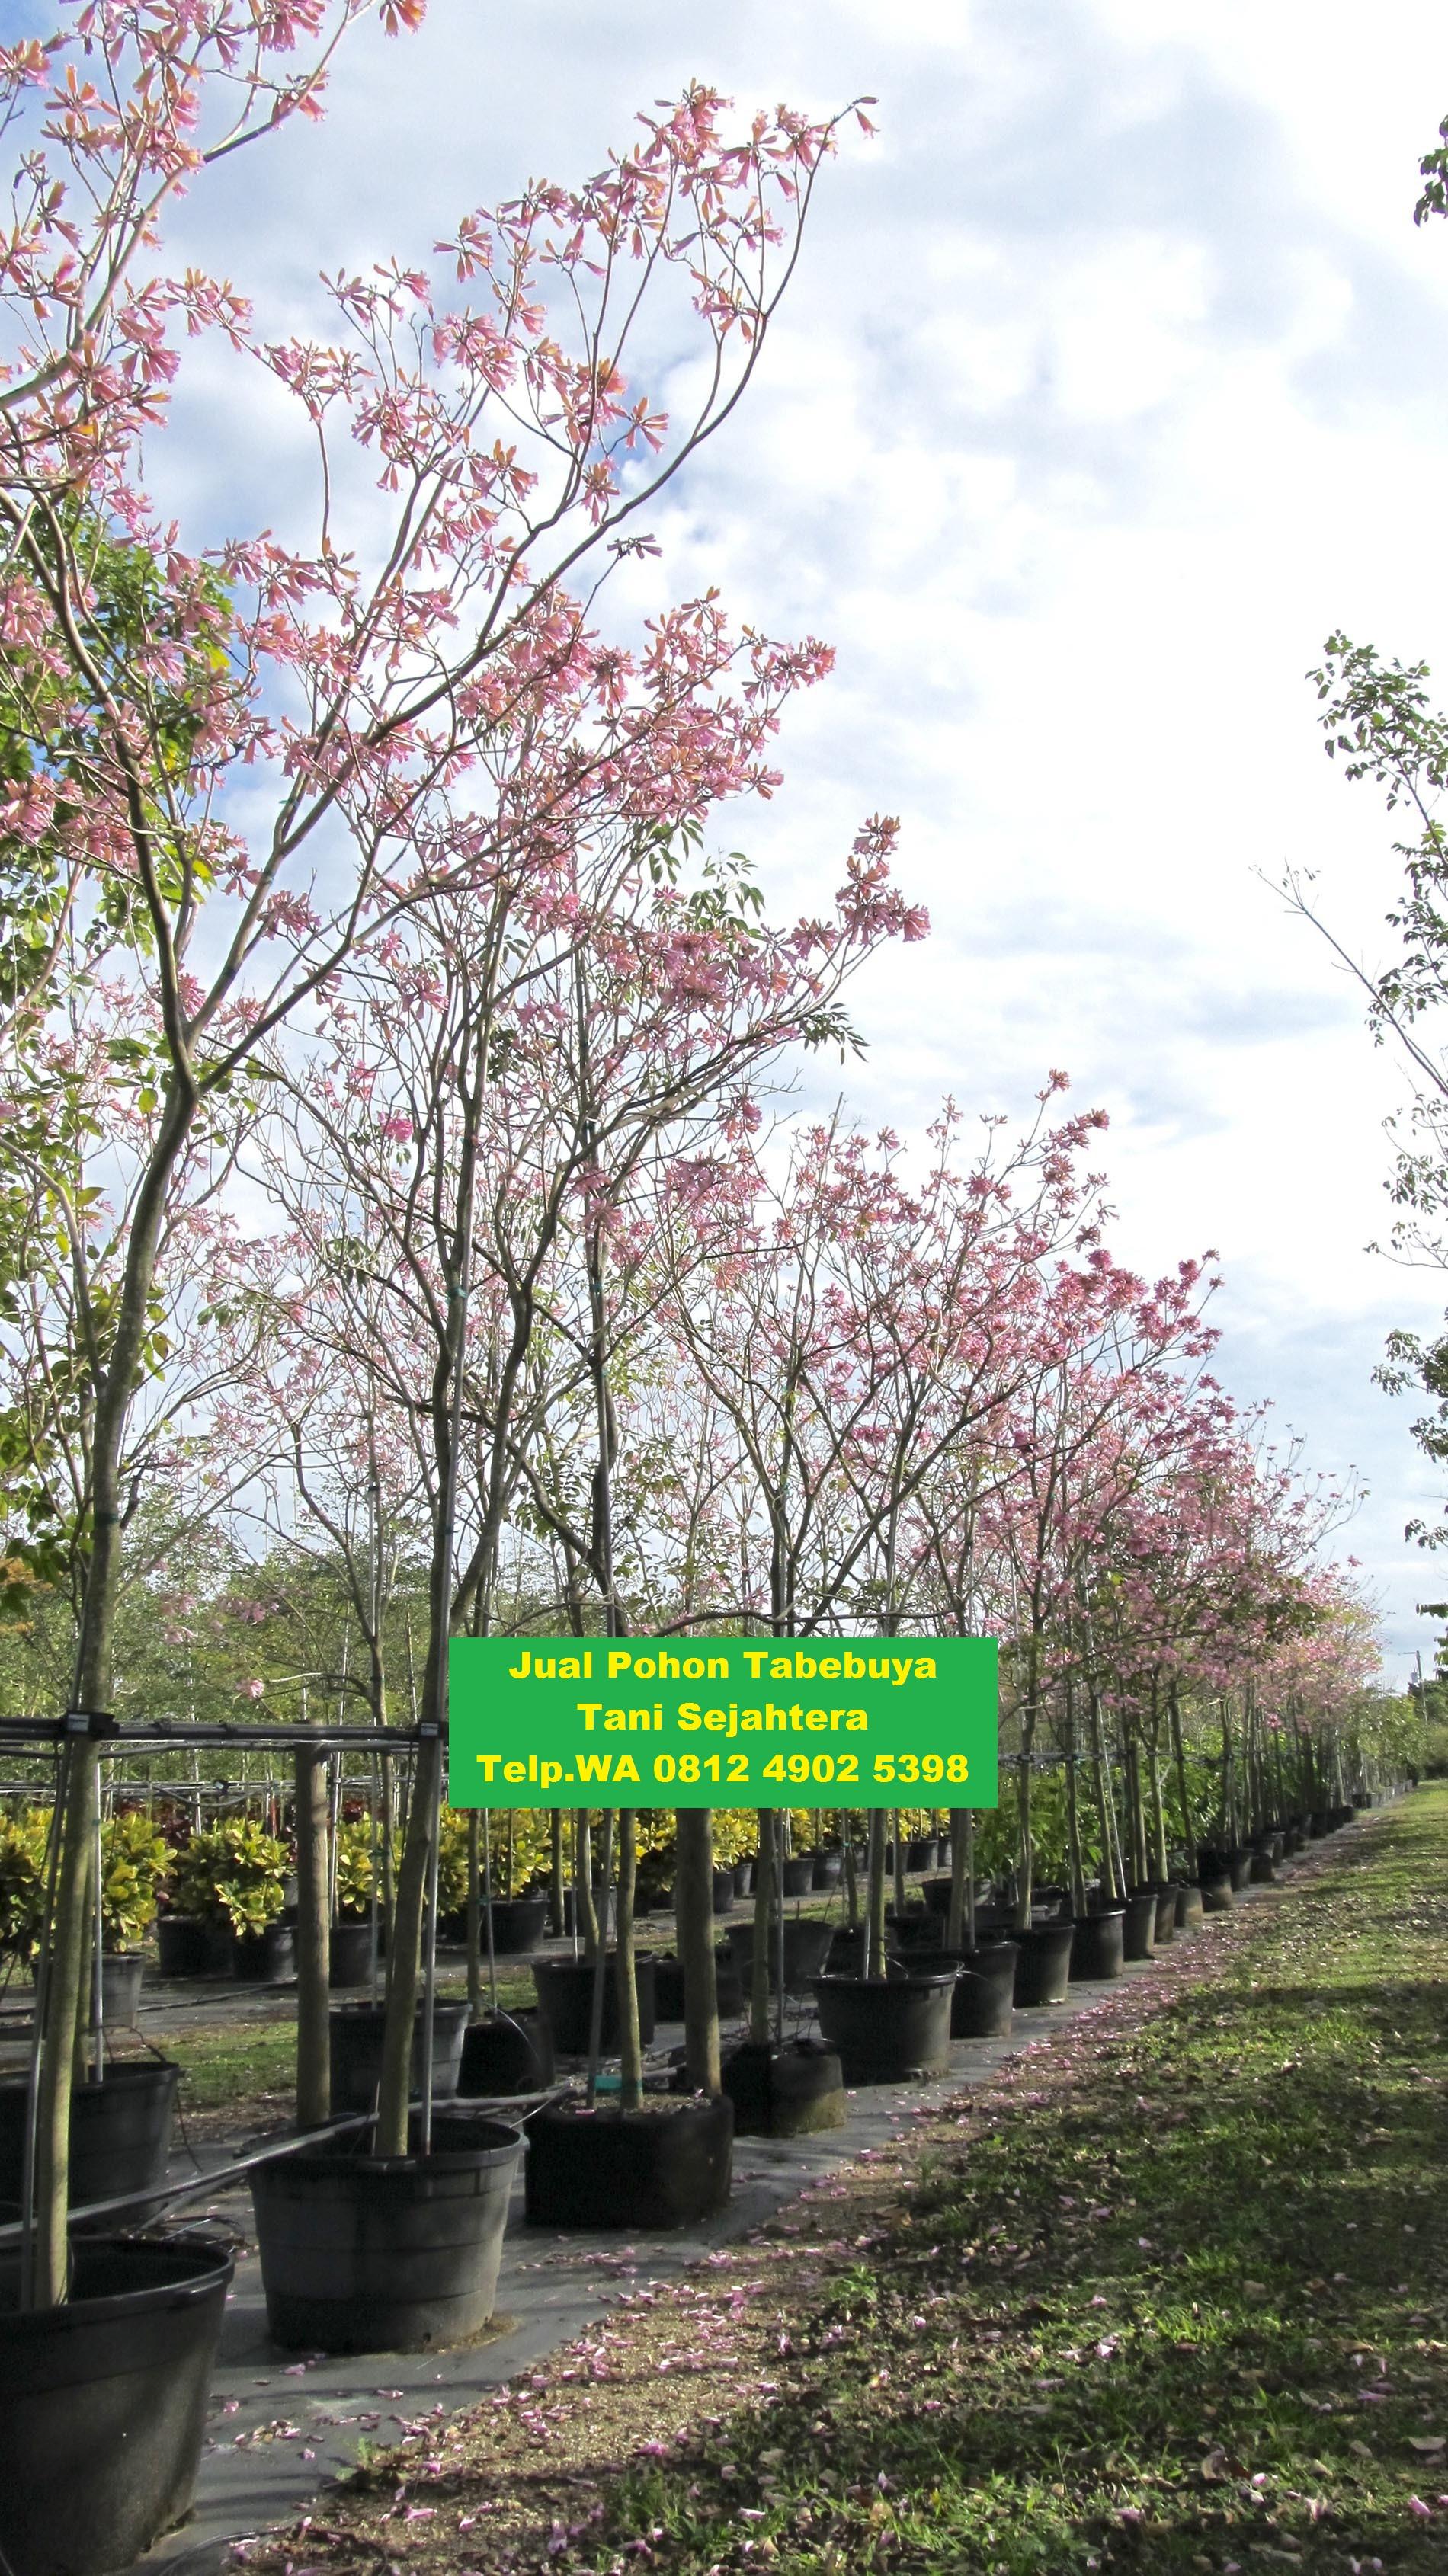 jual pohon tabebuya Halmahera Selatan